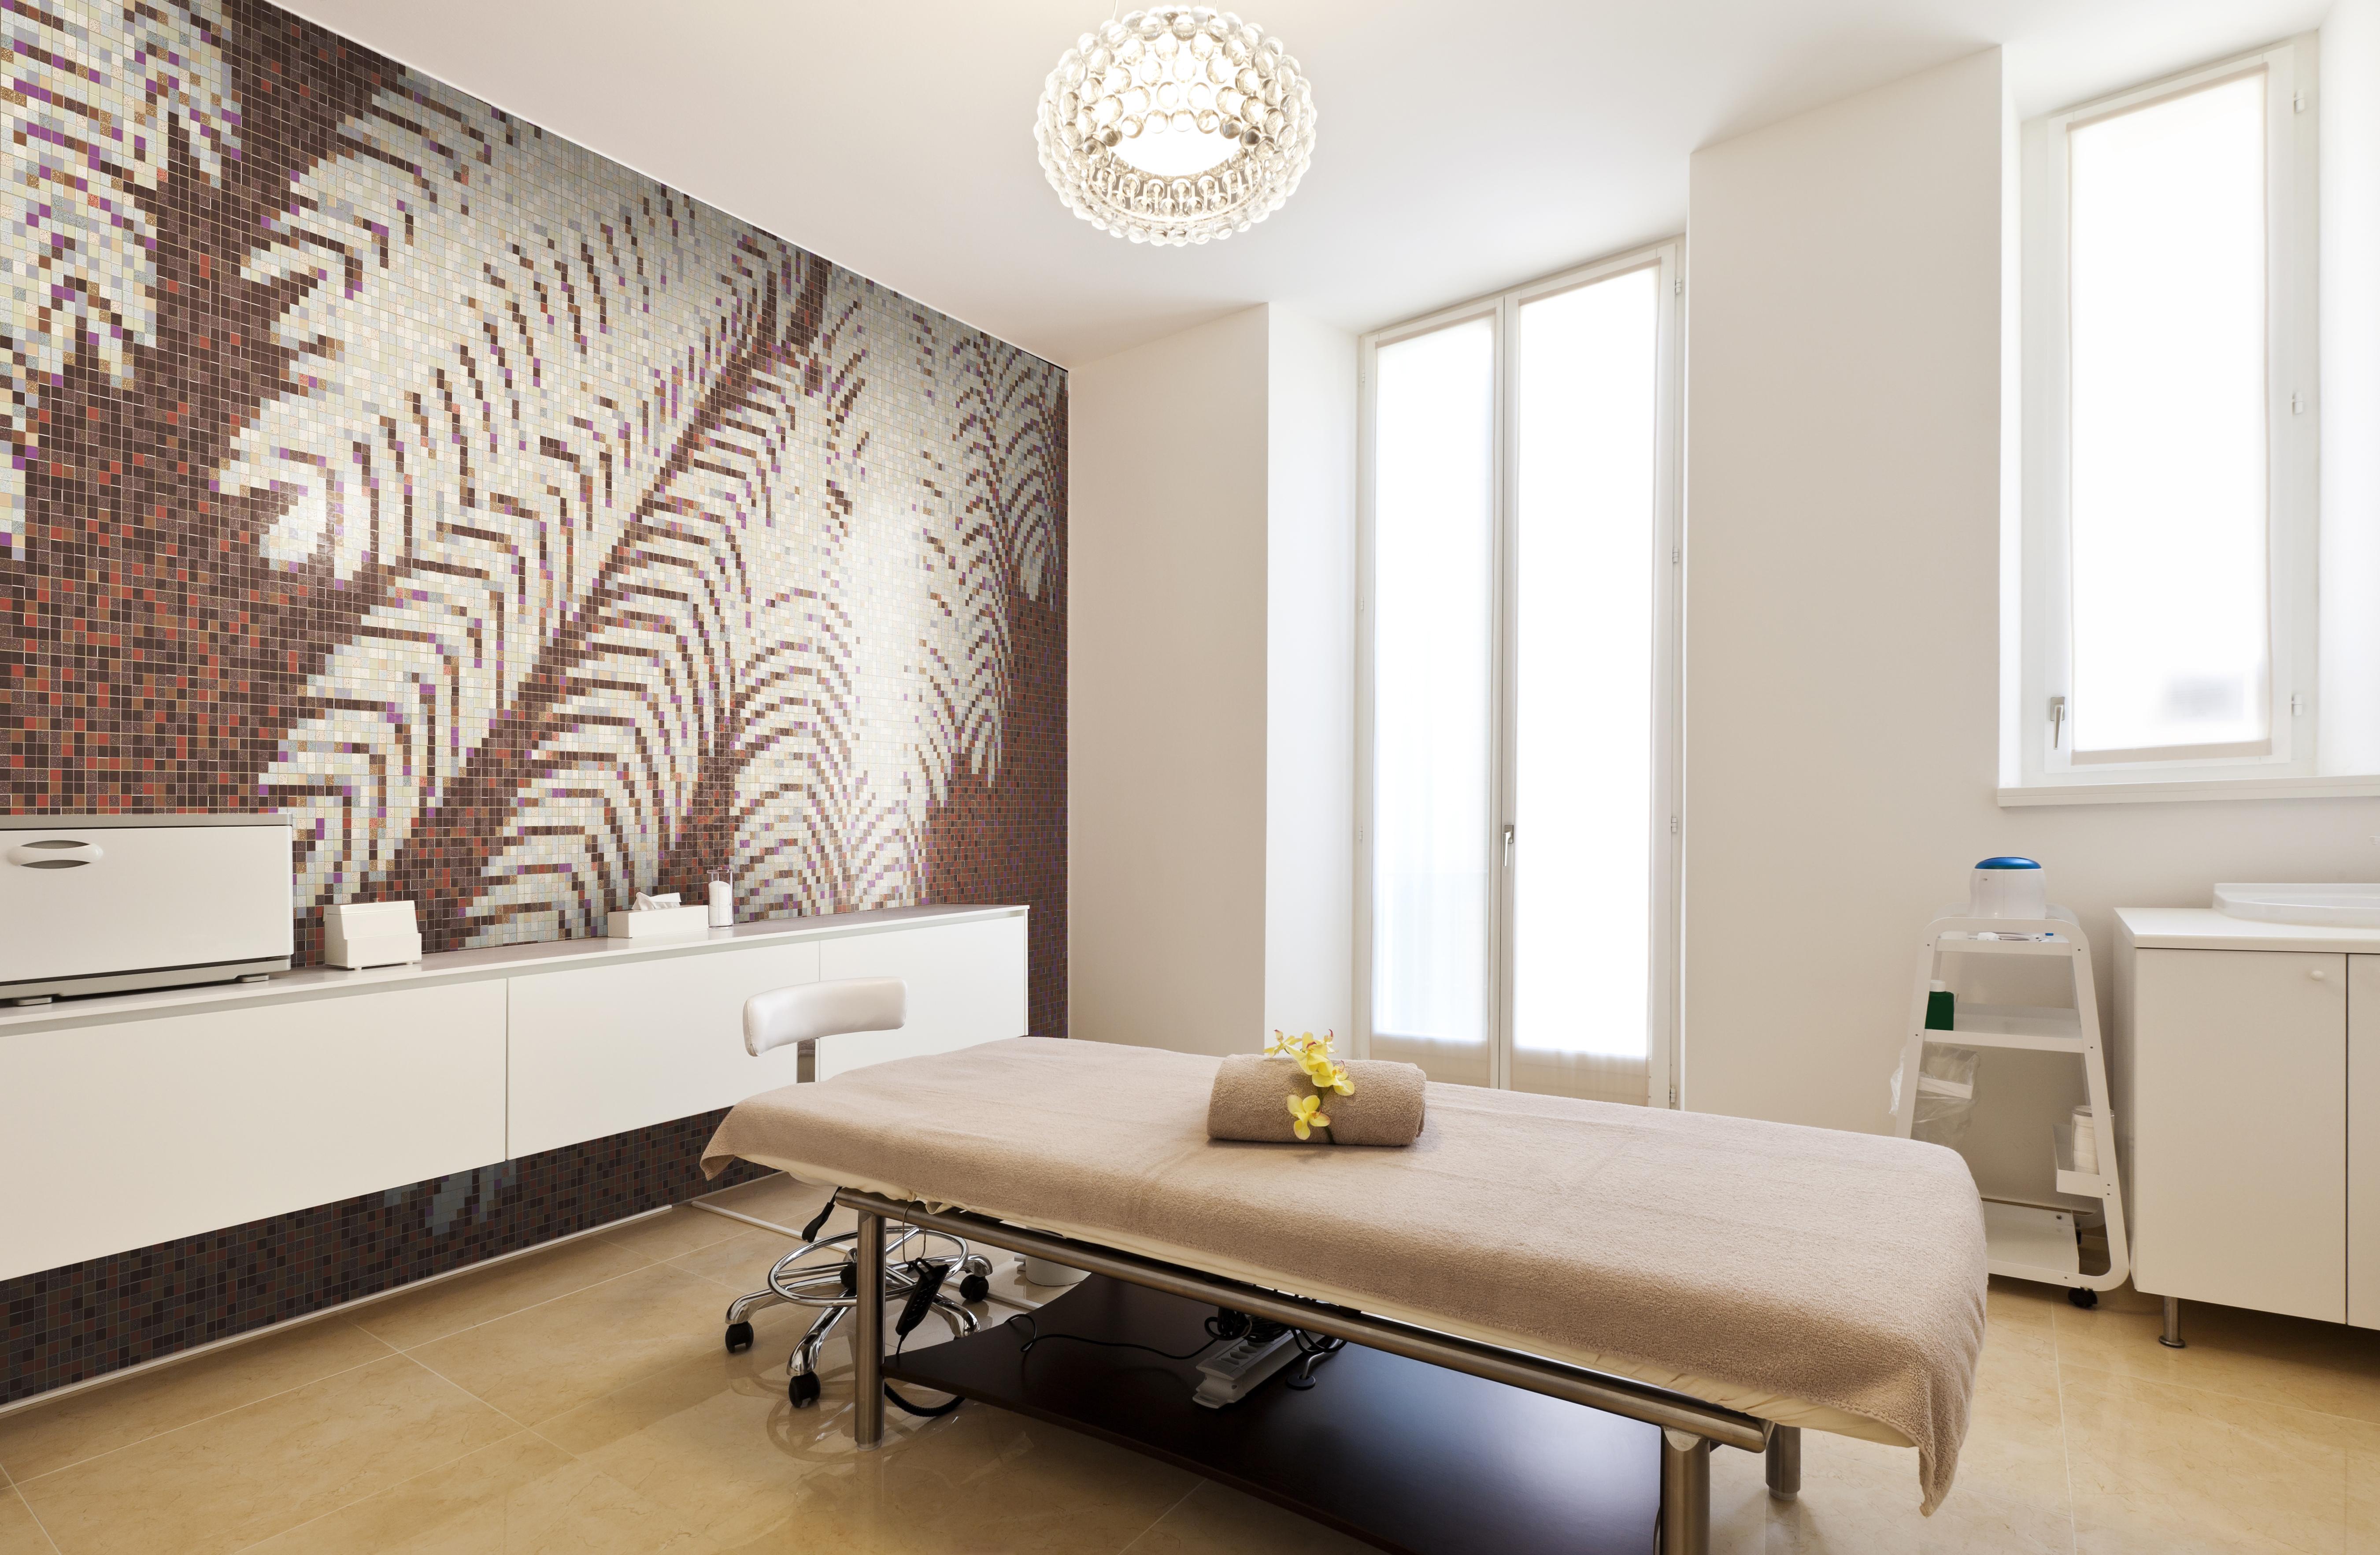 Fern Spa Wall Mosaic Brown Tile Nature Design Artaic